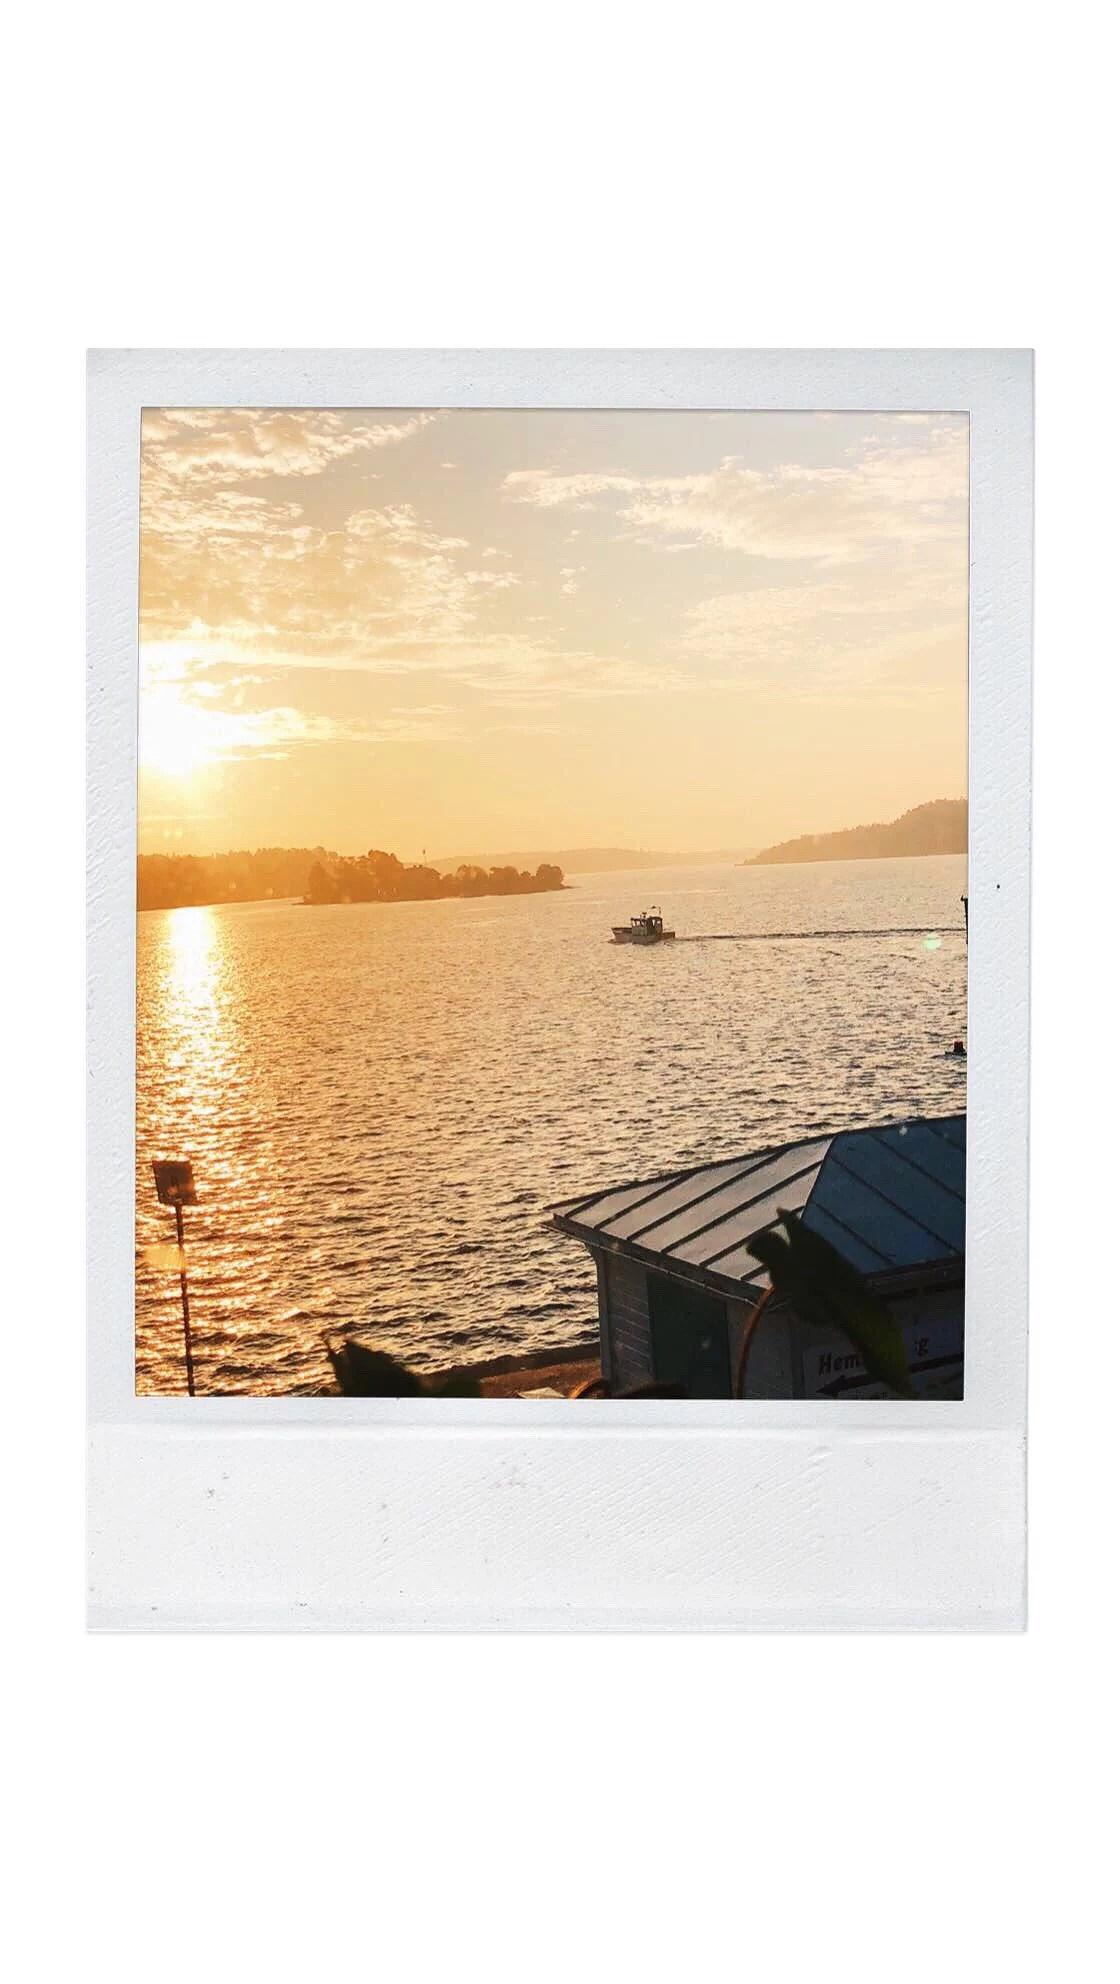 Fredag och en soluppgång